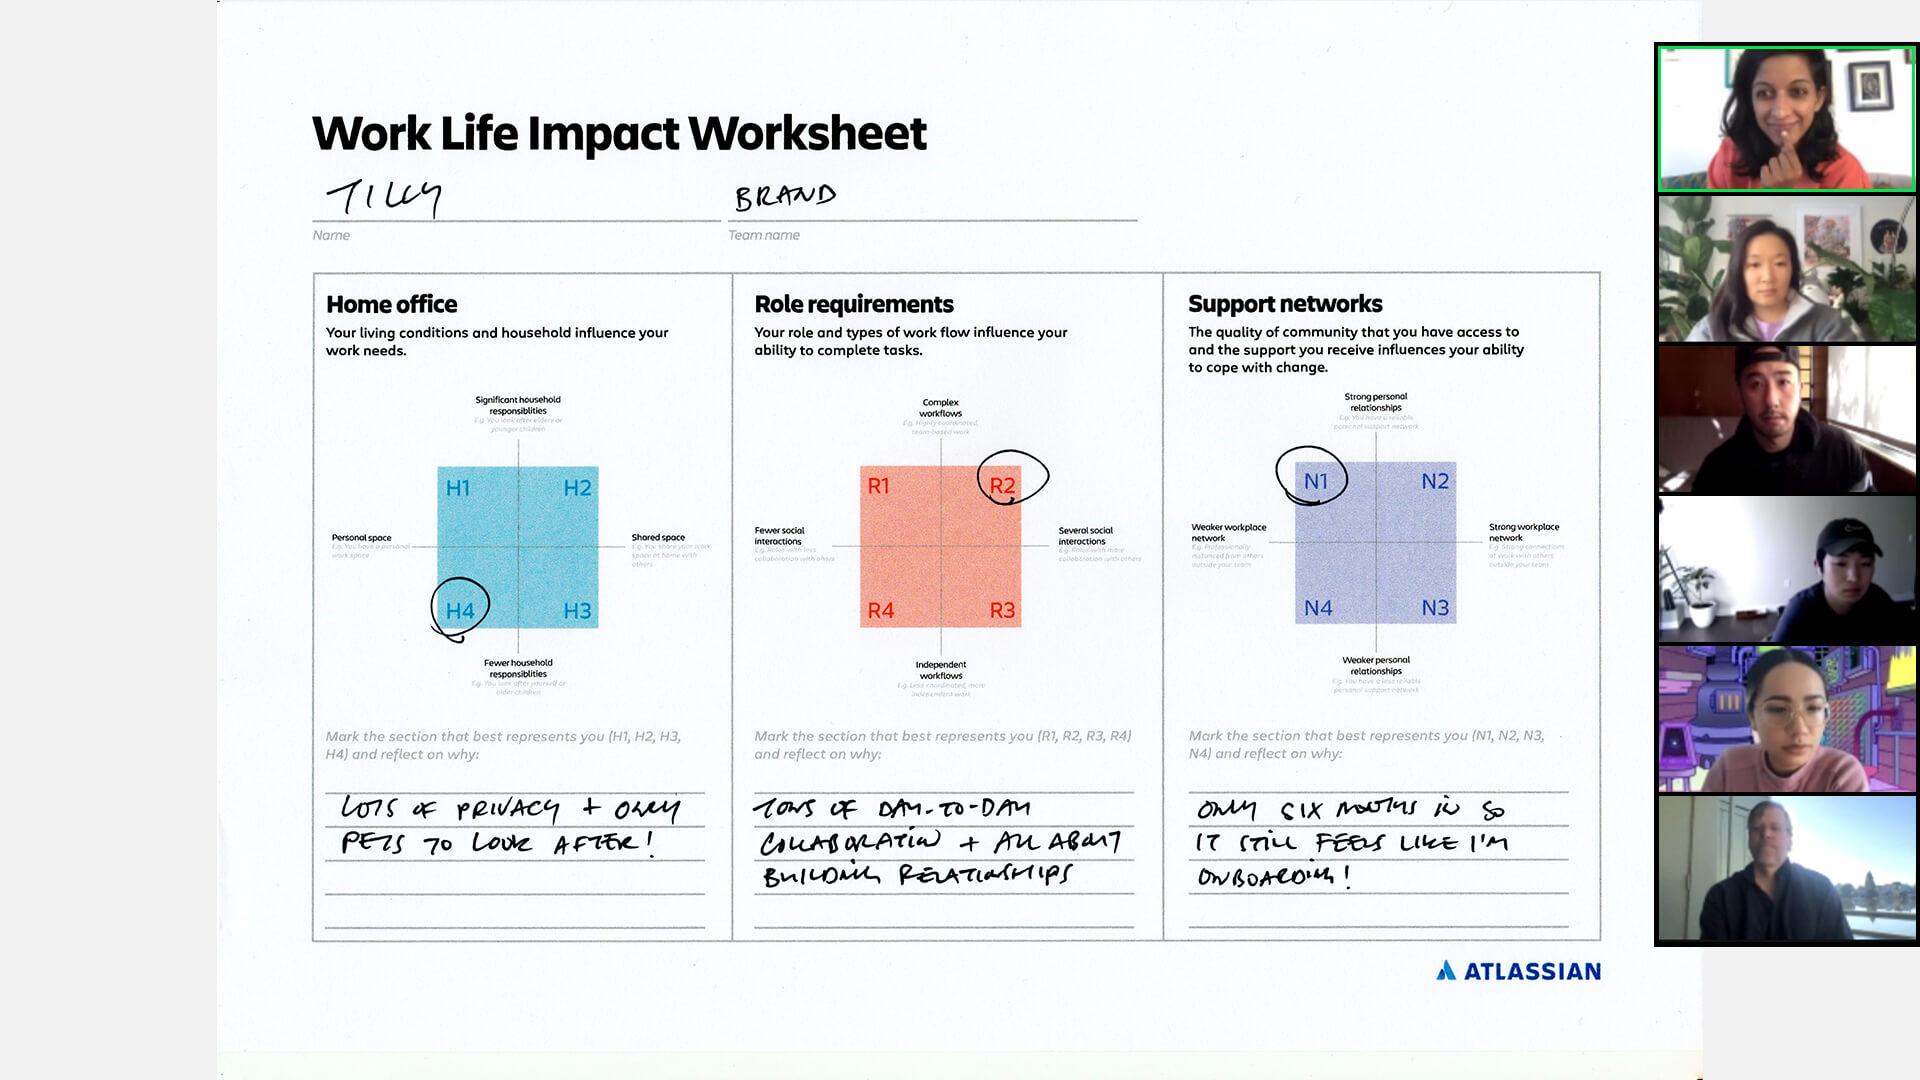 ビデオ チャットで Work Life Impact について話し合うチーム メンバー